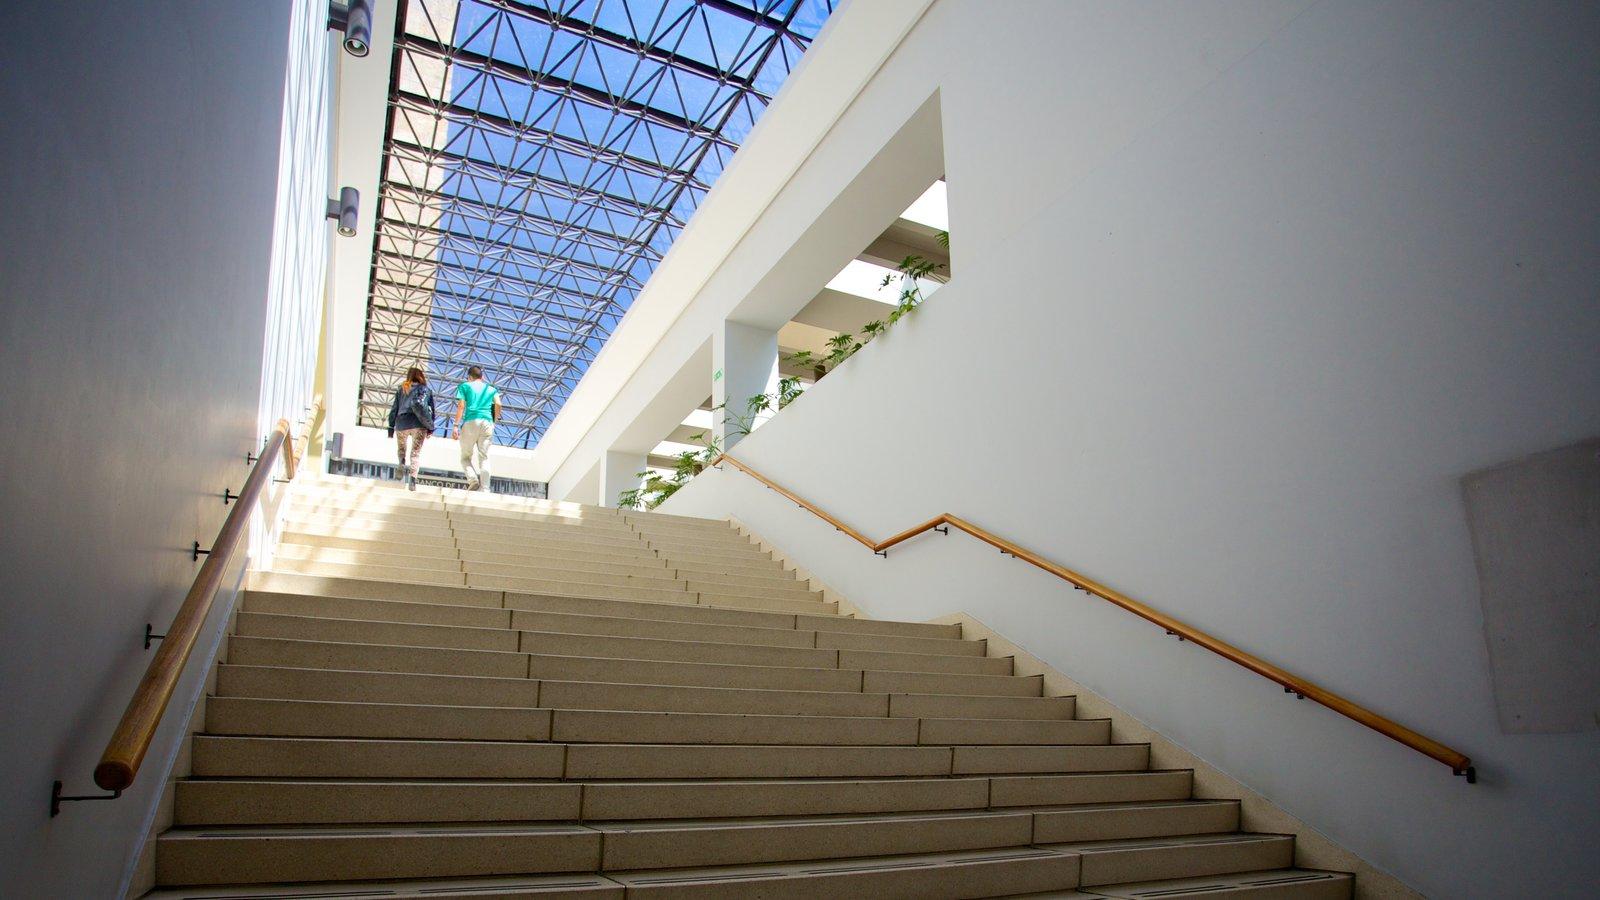 Biblioteca Luis Ángel Arango que inclui um edifício administrativo e vistas internas